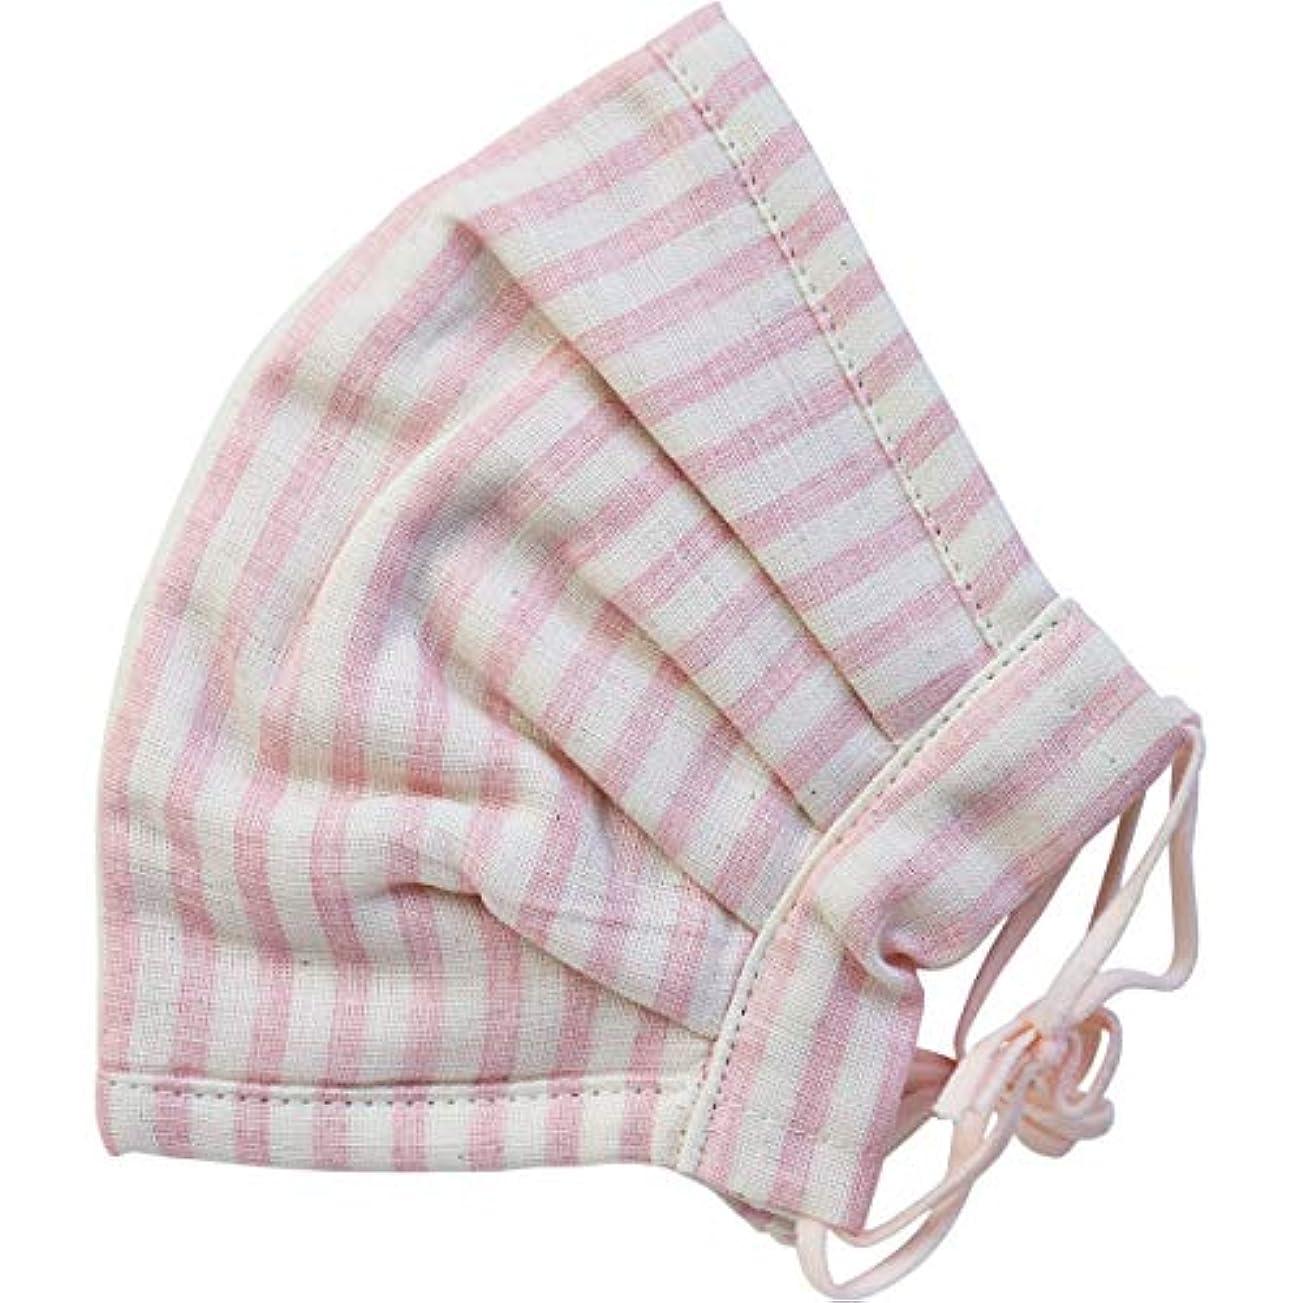 起きろ農学八百屋さんふわふわマスク 今治産タオル 超敏感肌用 ピンクストライプ ゆったり大きめサイズ 1枚入×5個セット